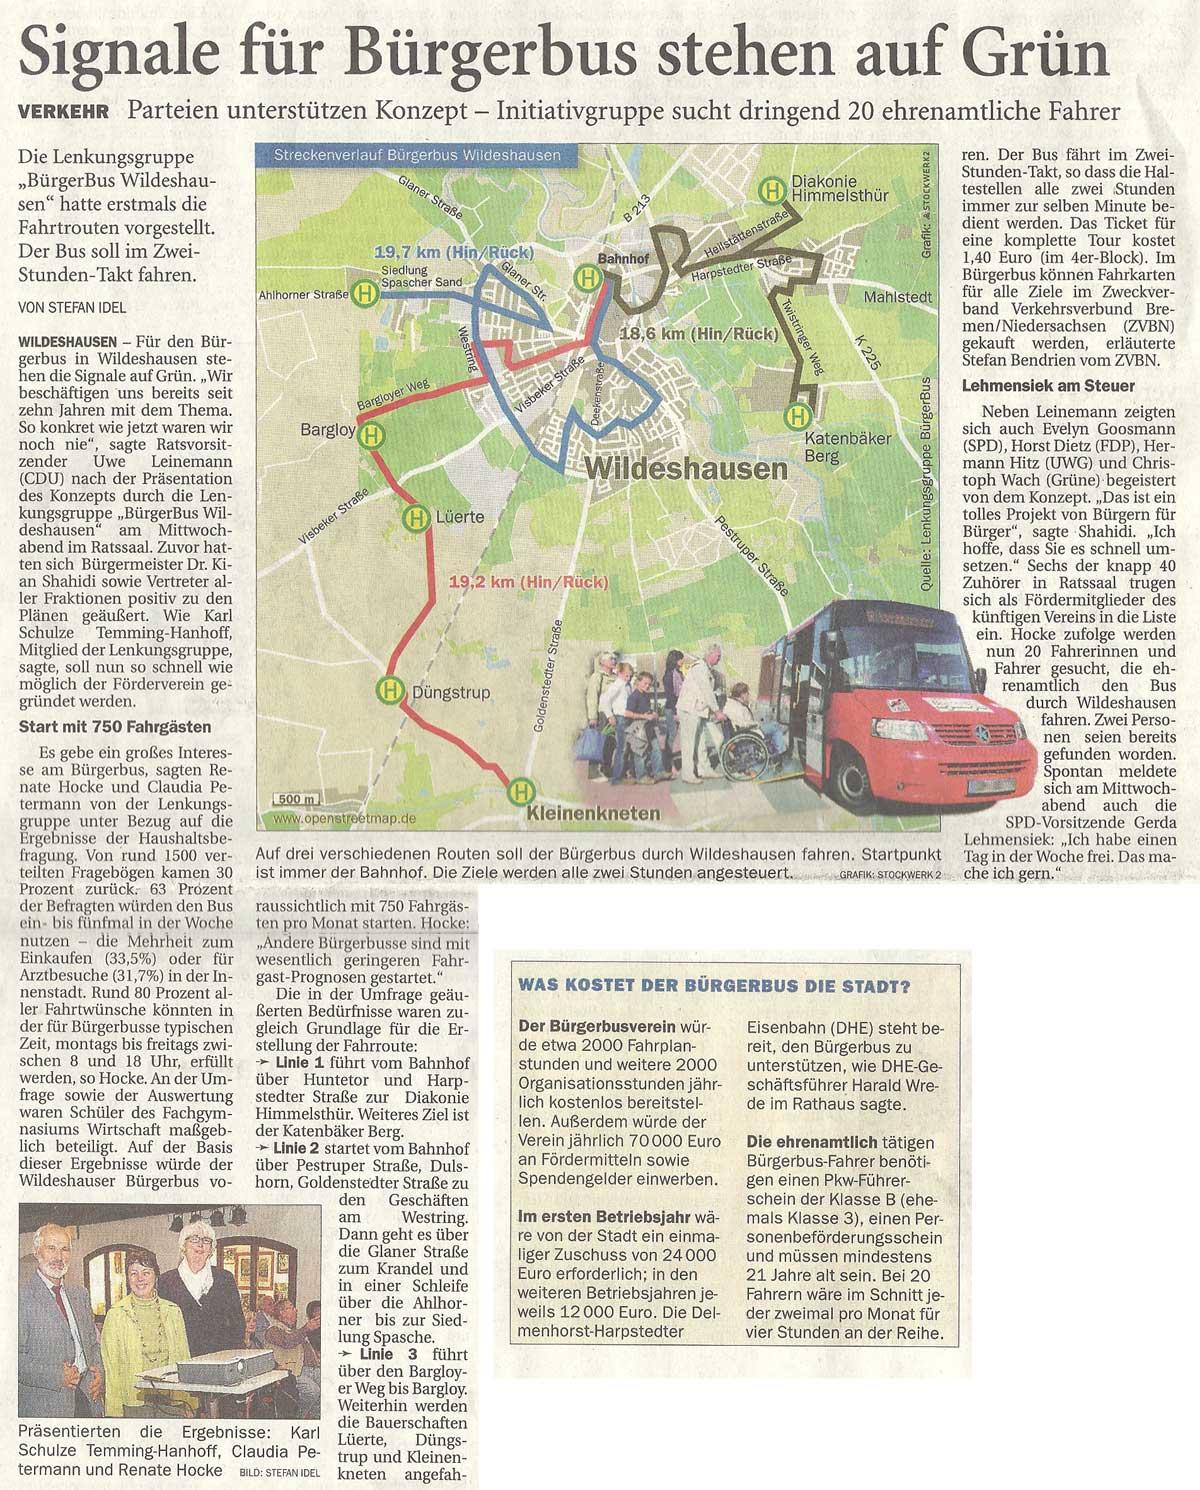 Signale für Bürgerbus stehen auf GrünVerkehr: Parteien unterstützen Konzept - Initiativgruppe sucht dringend 20 ehrenamtliche FahrerArtikel vom 20.08.2010 (NWZ)